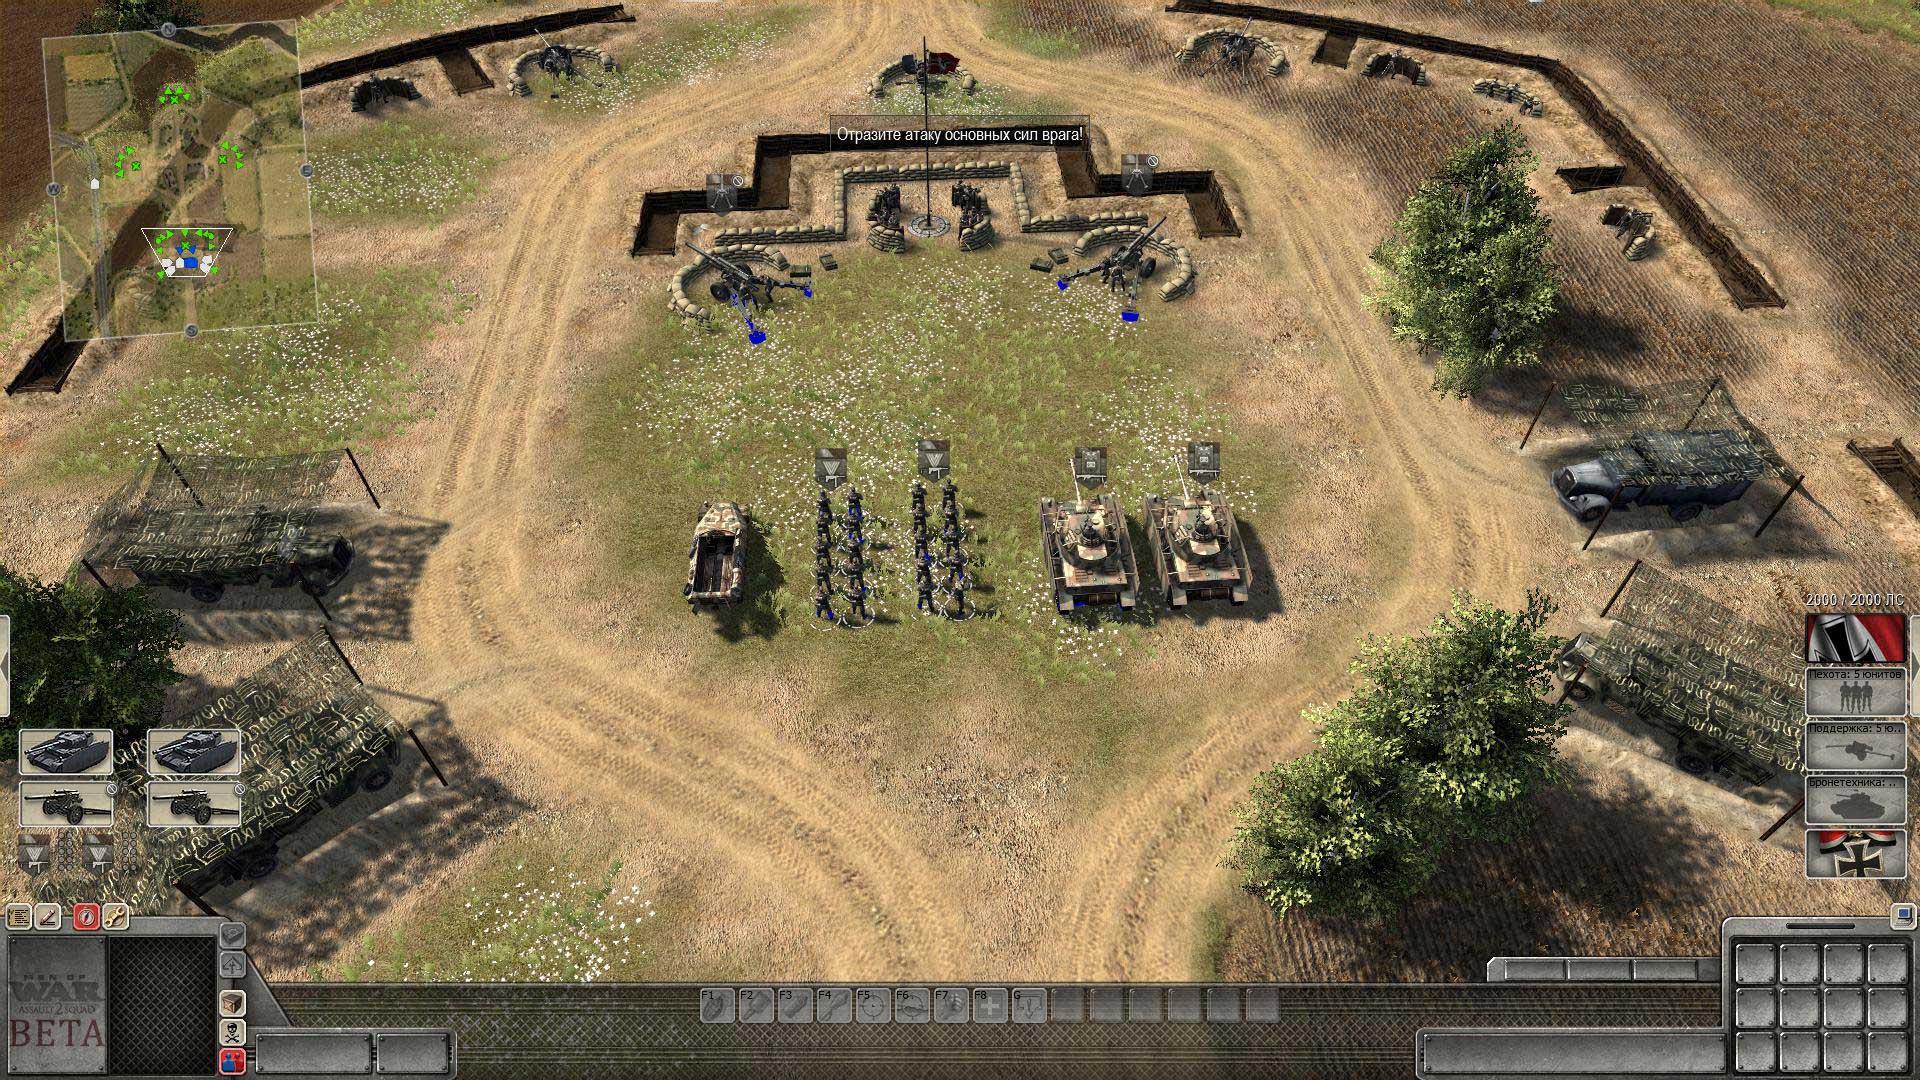 В тылу врага 2: штурм скачать через торрент бесплатно.